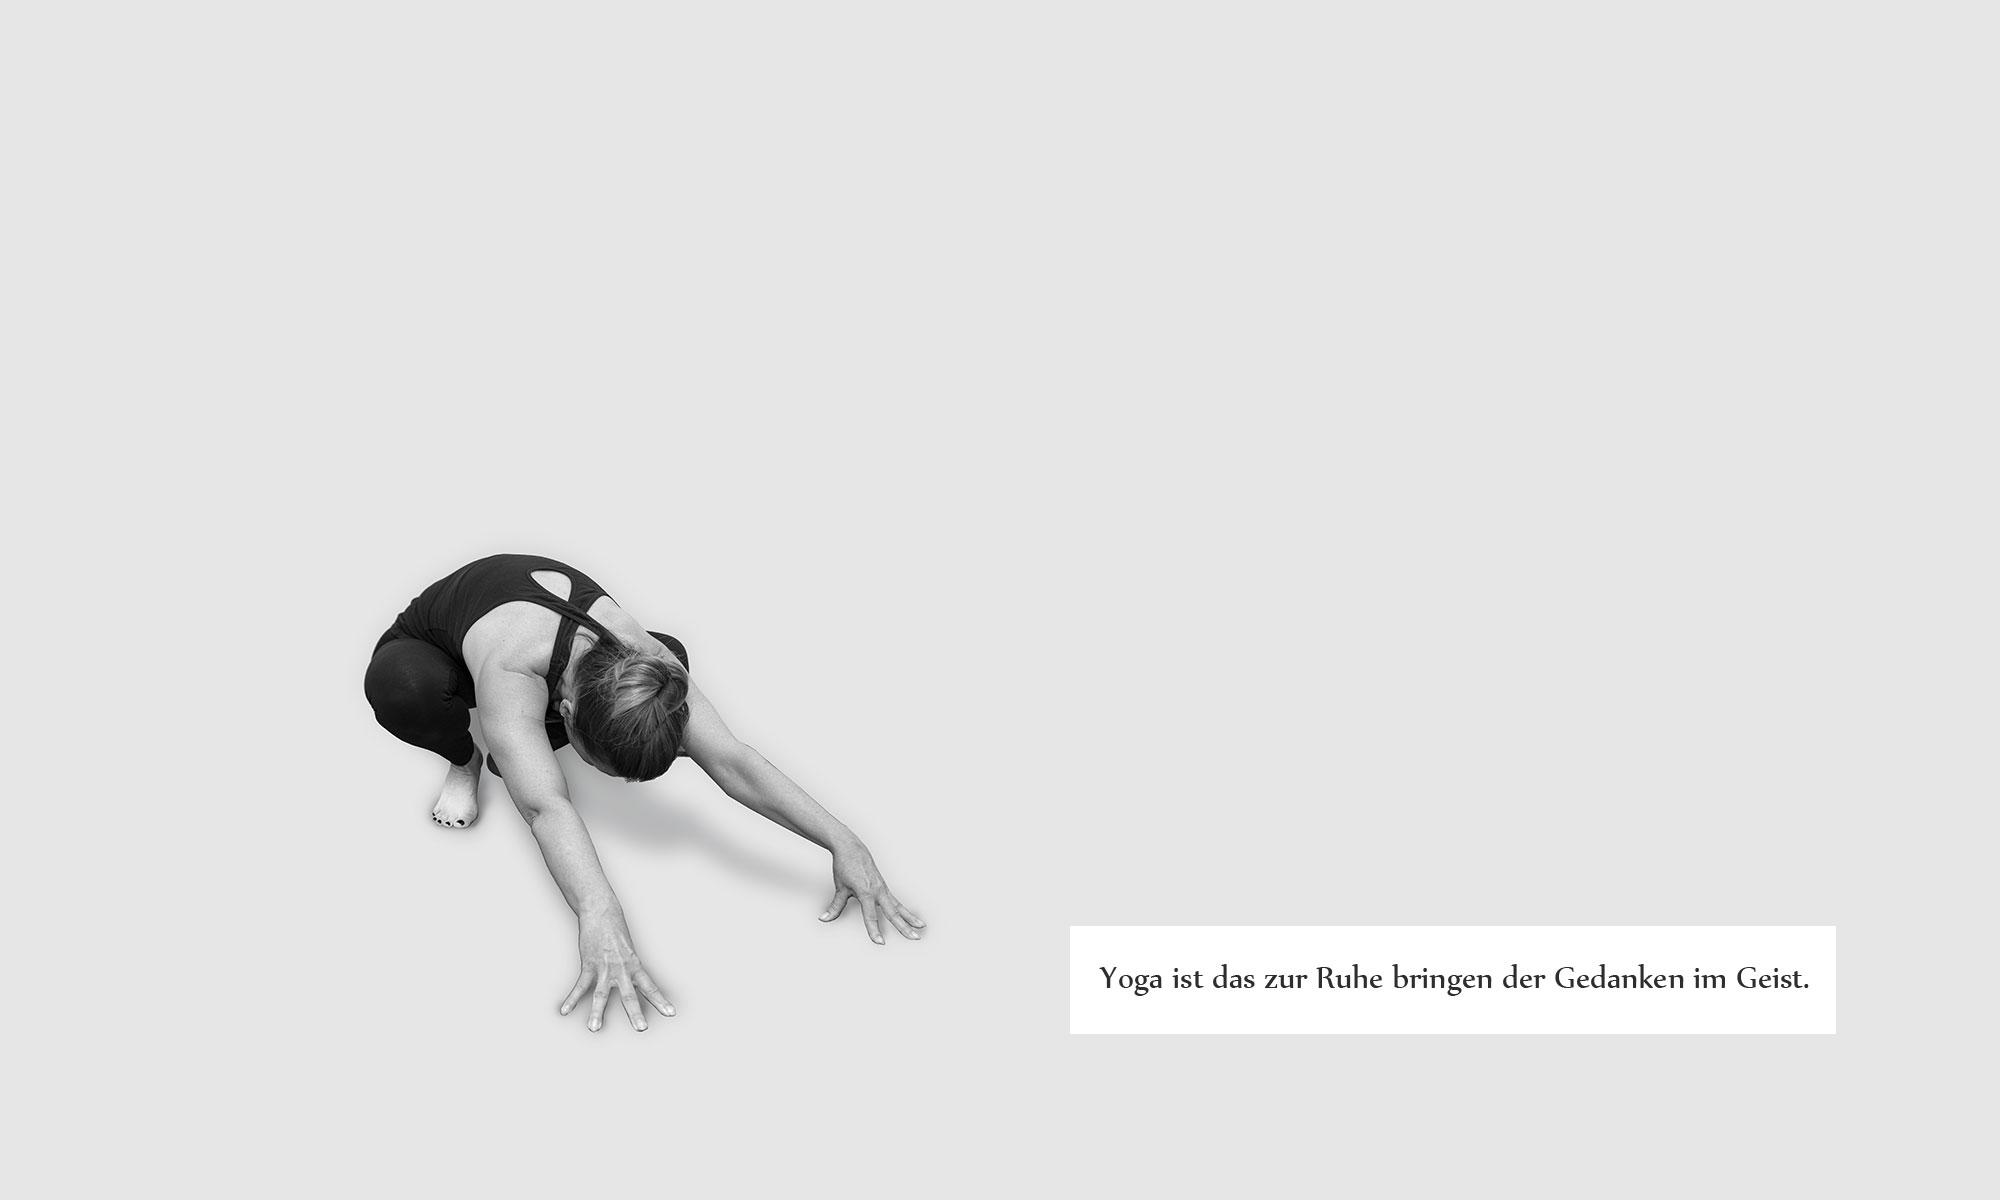 Yoga ist das zur Ruhe bringen der Gedanken im Geist